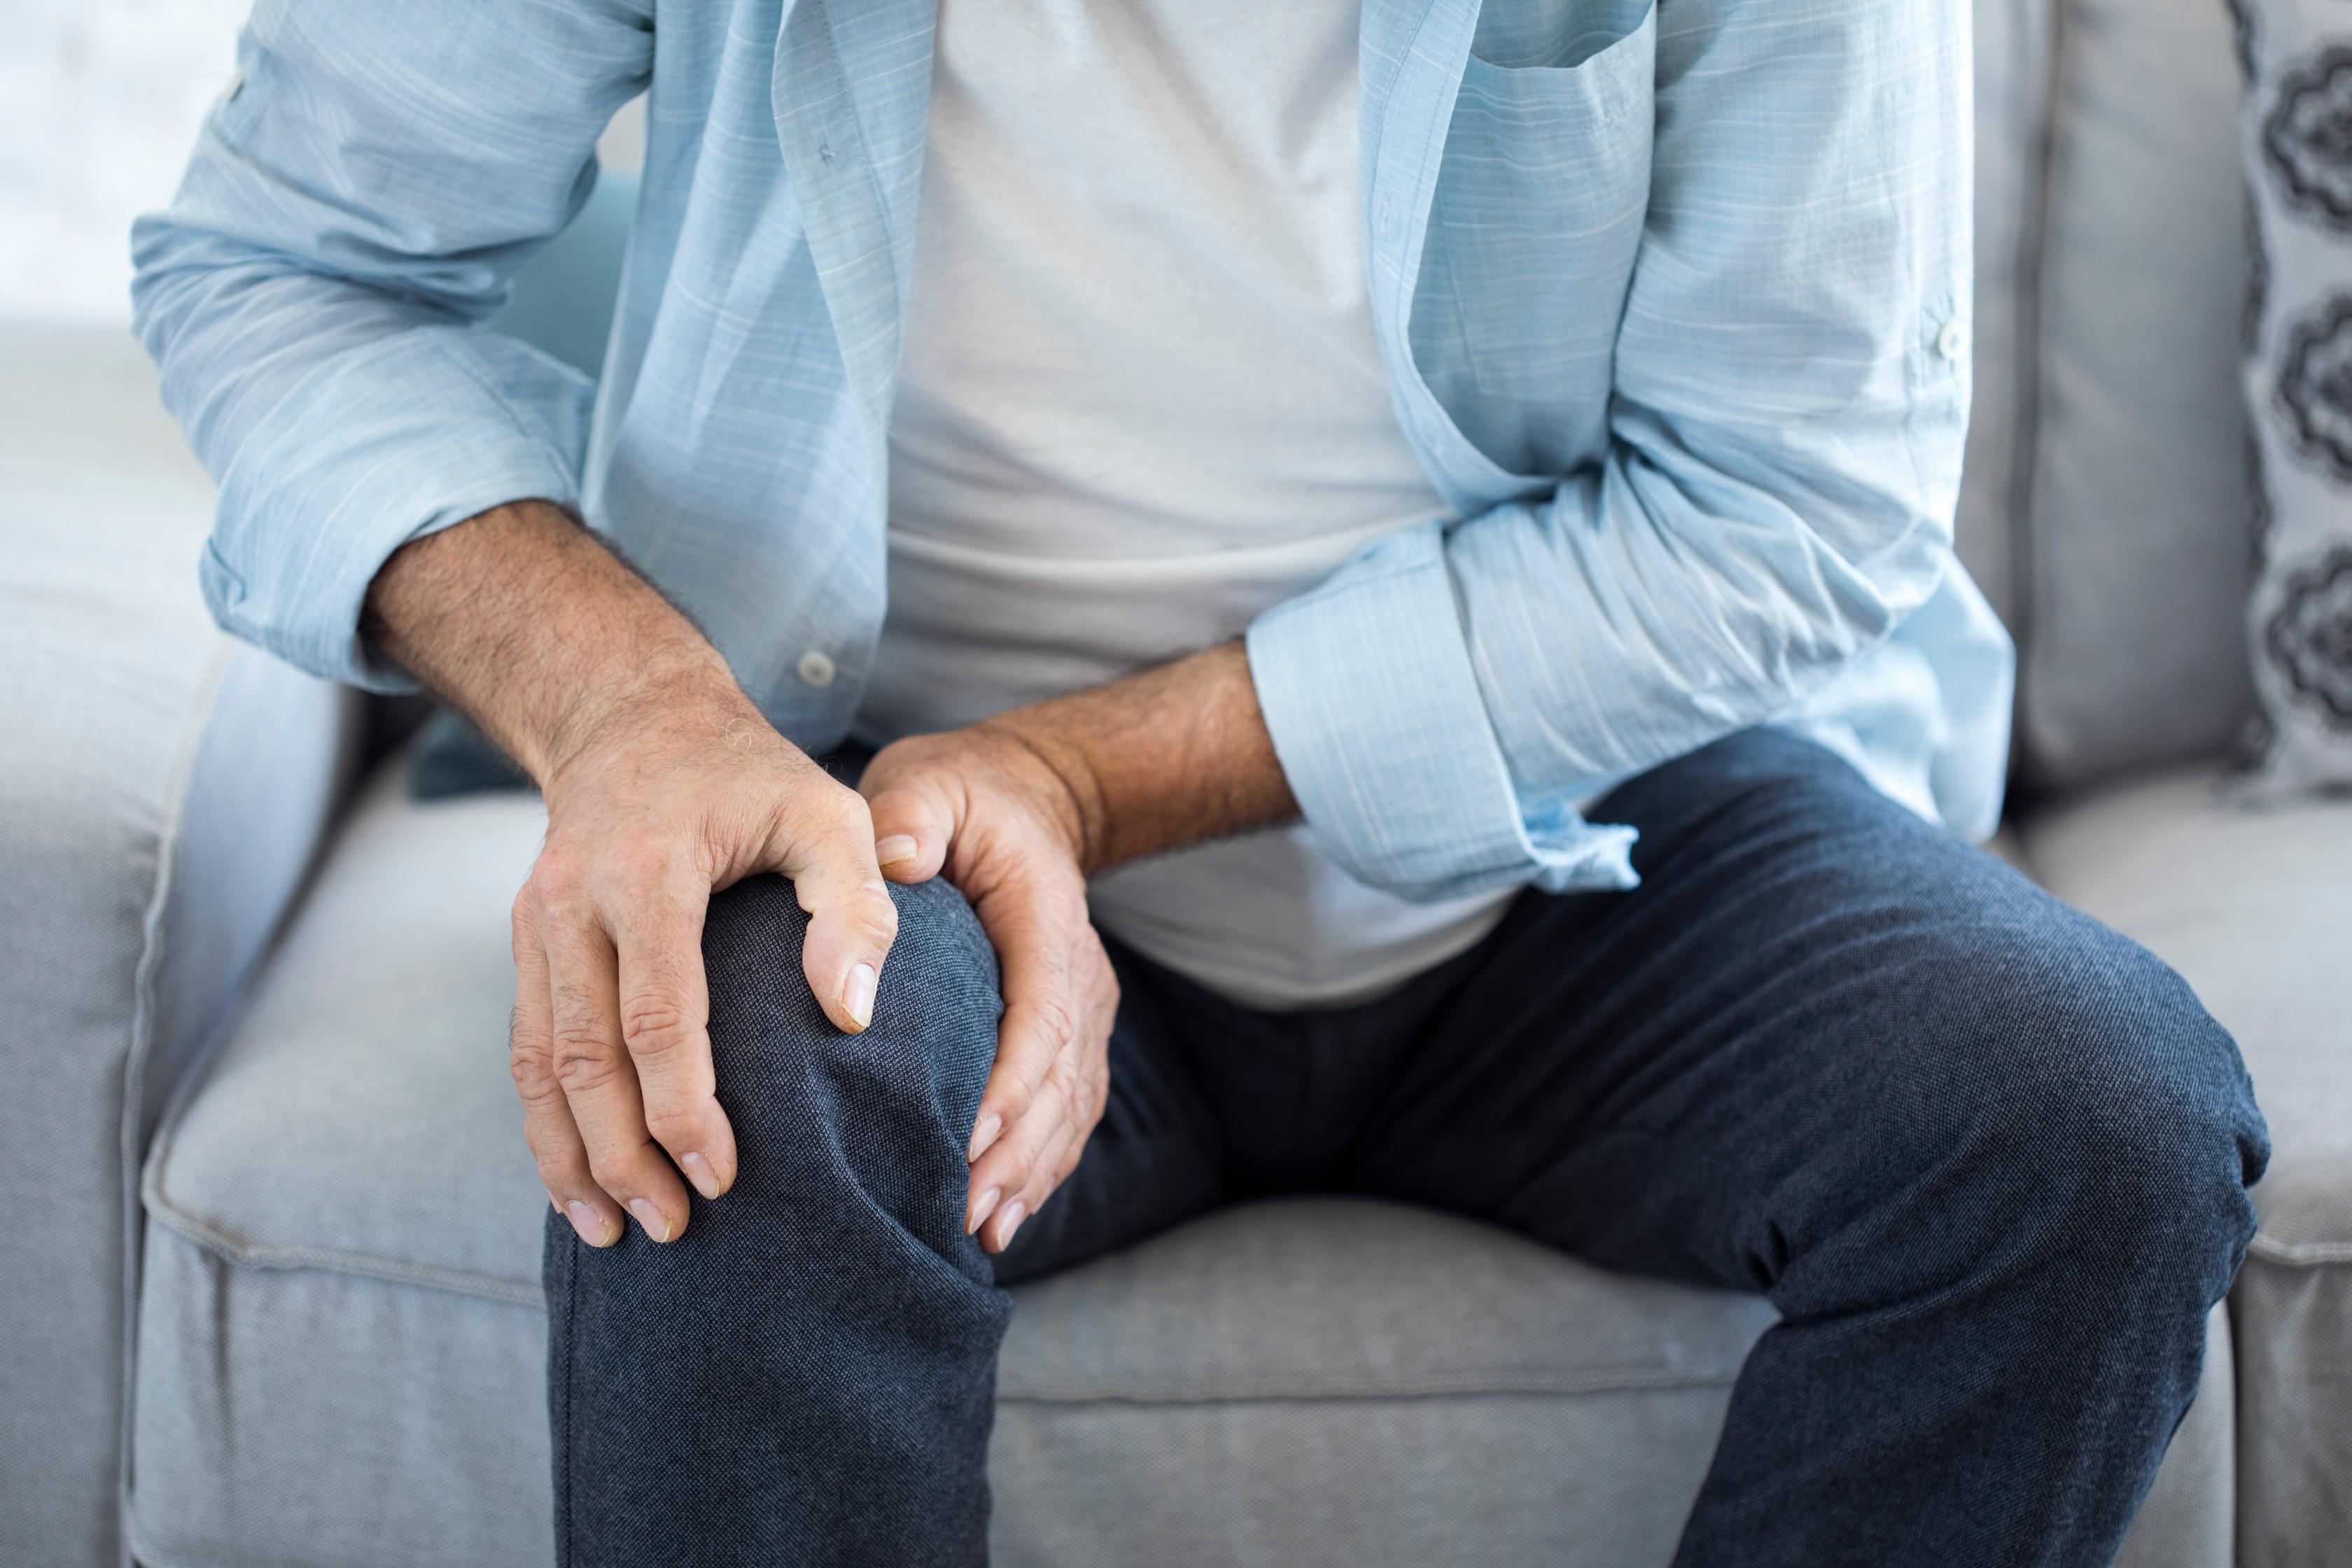 ízületi fájdalom sérülés után, mint kezelni)